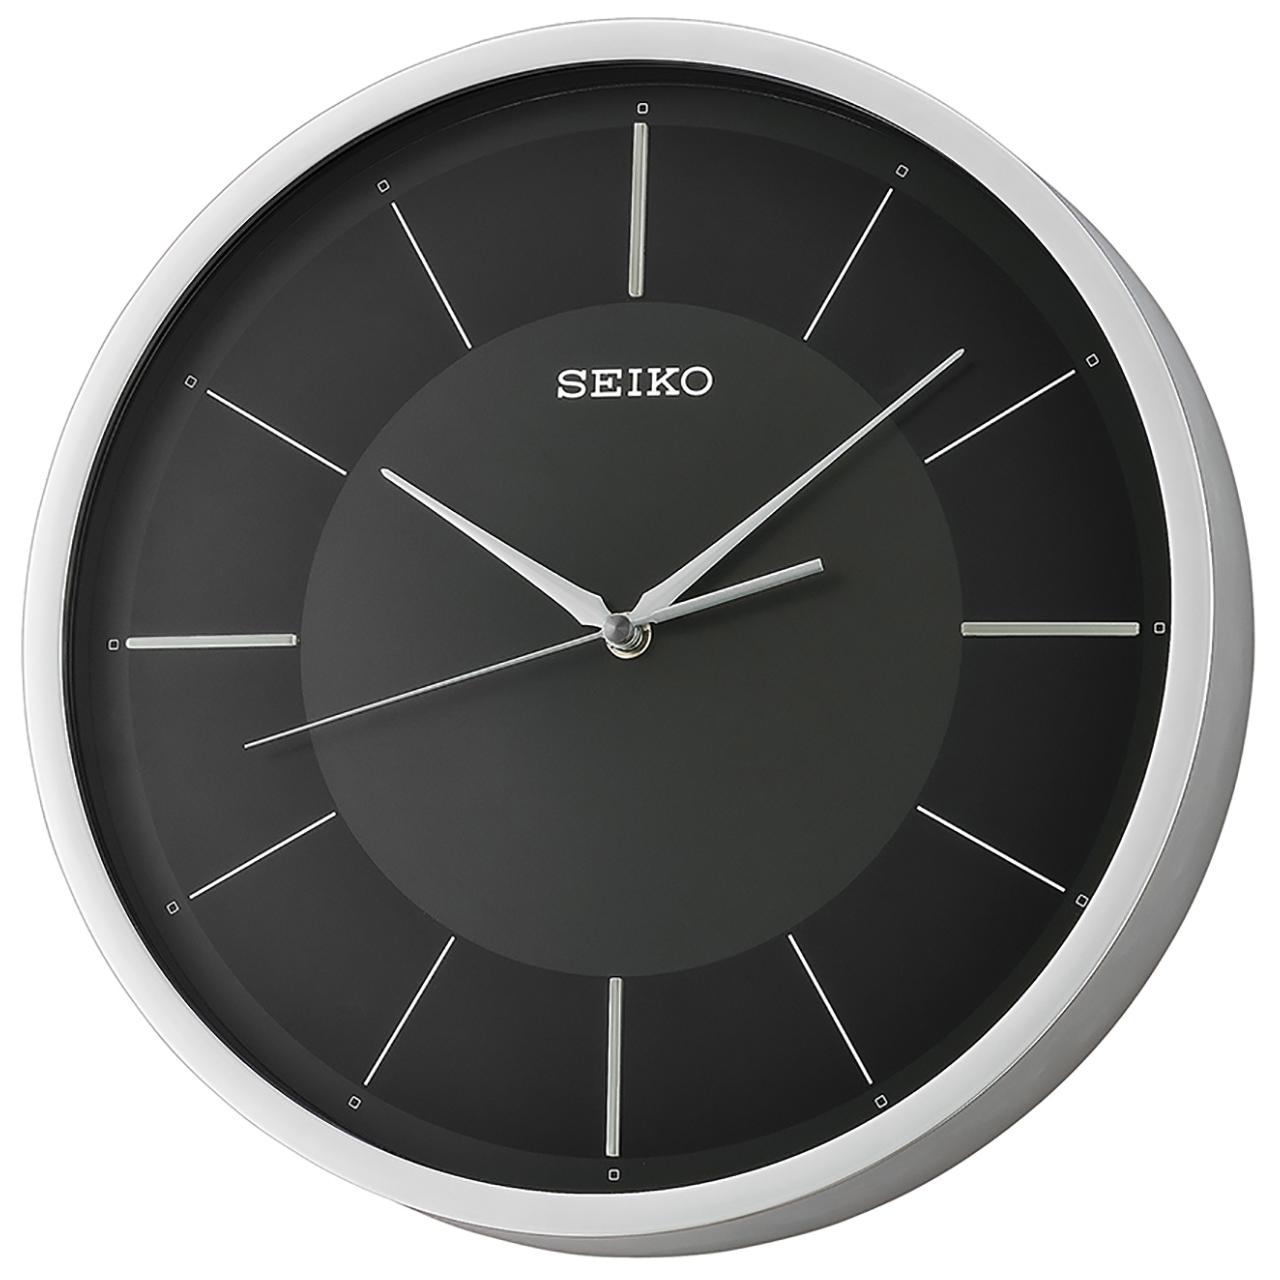 خرید ساعت دیواری سیکو مدل QXA688A